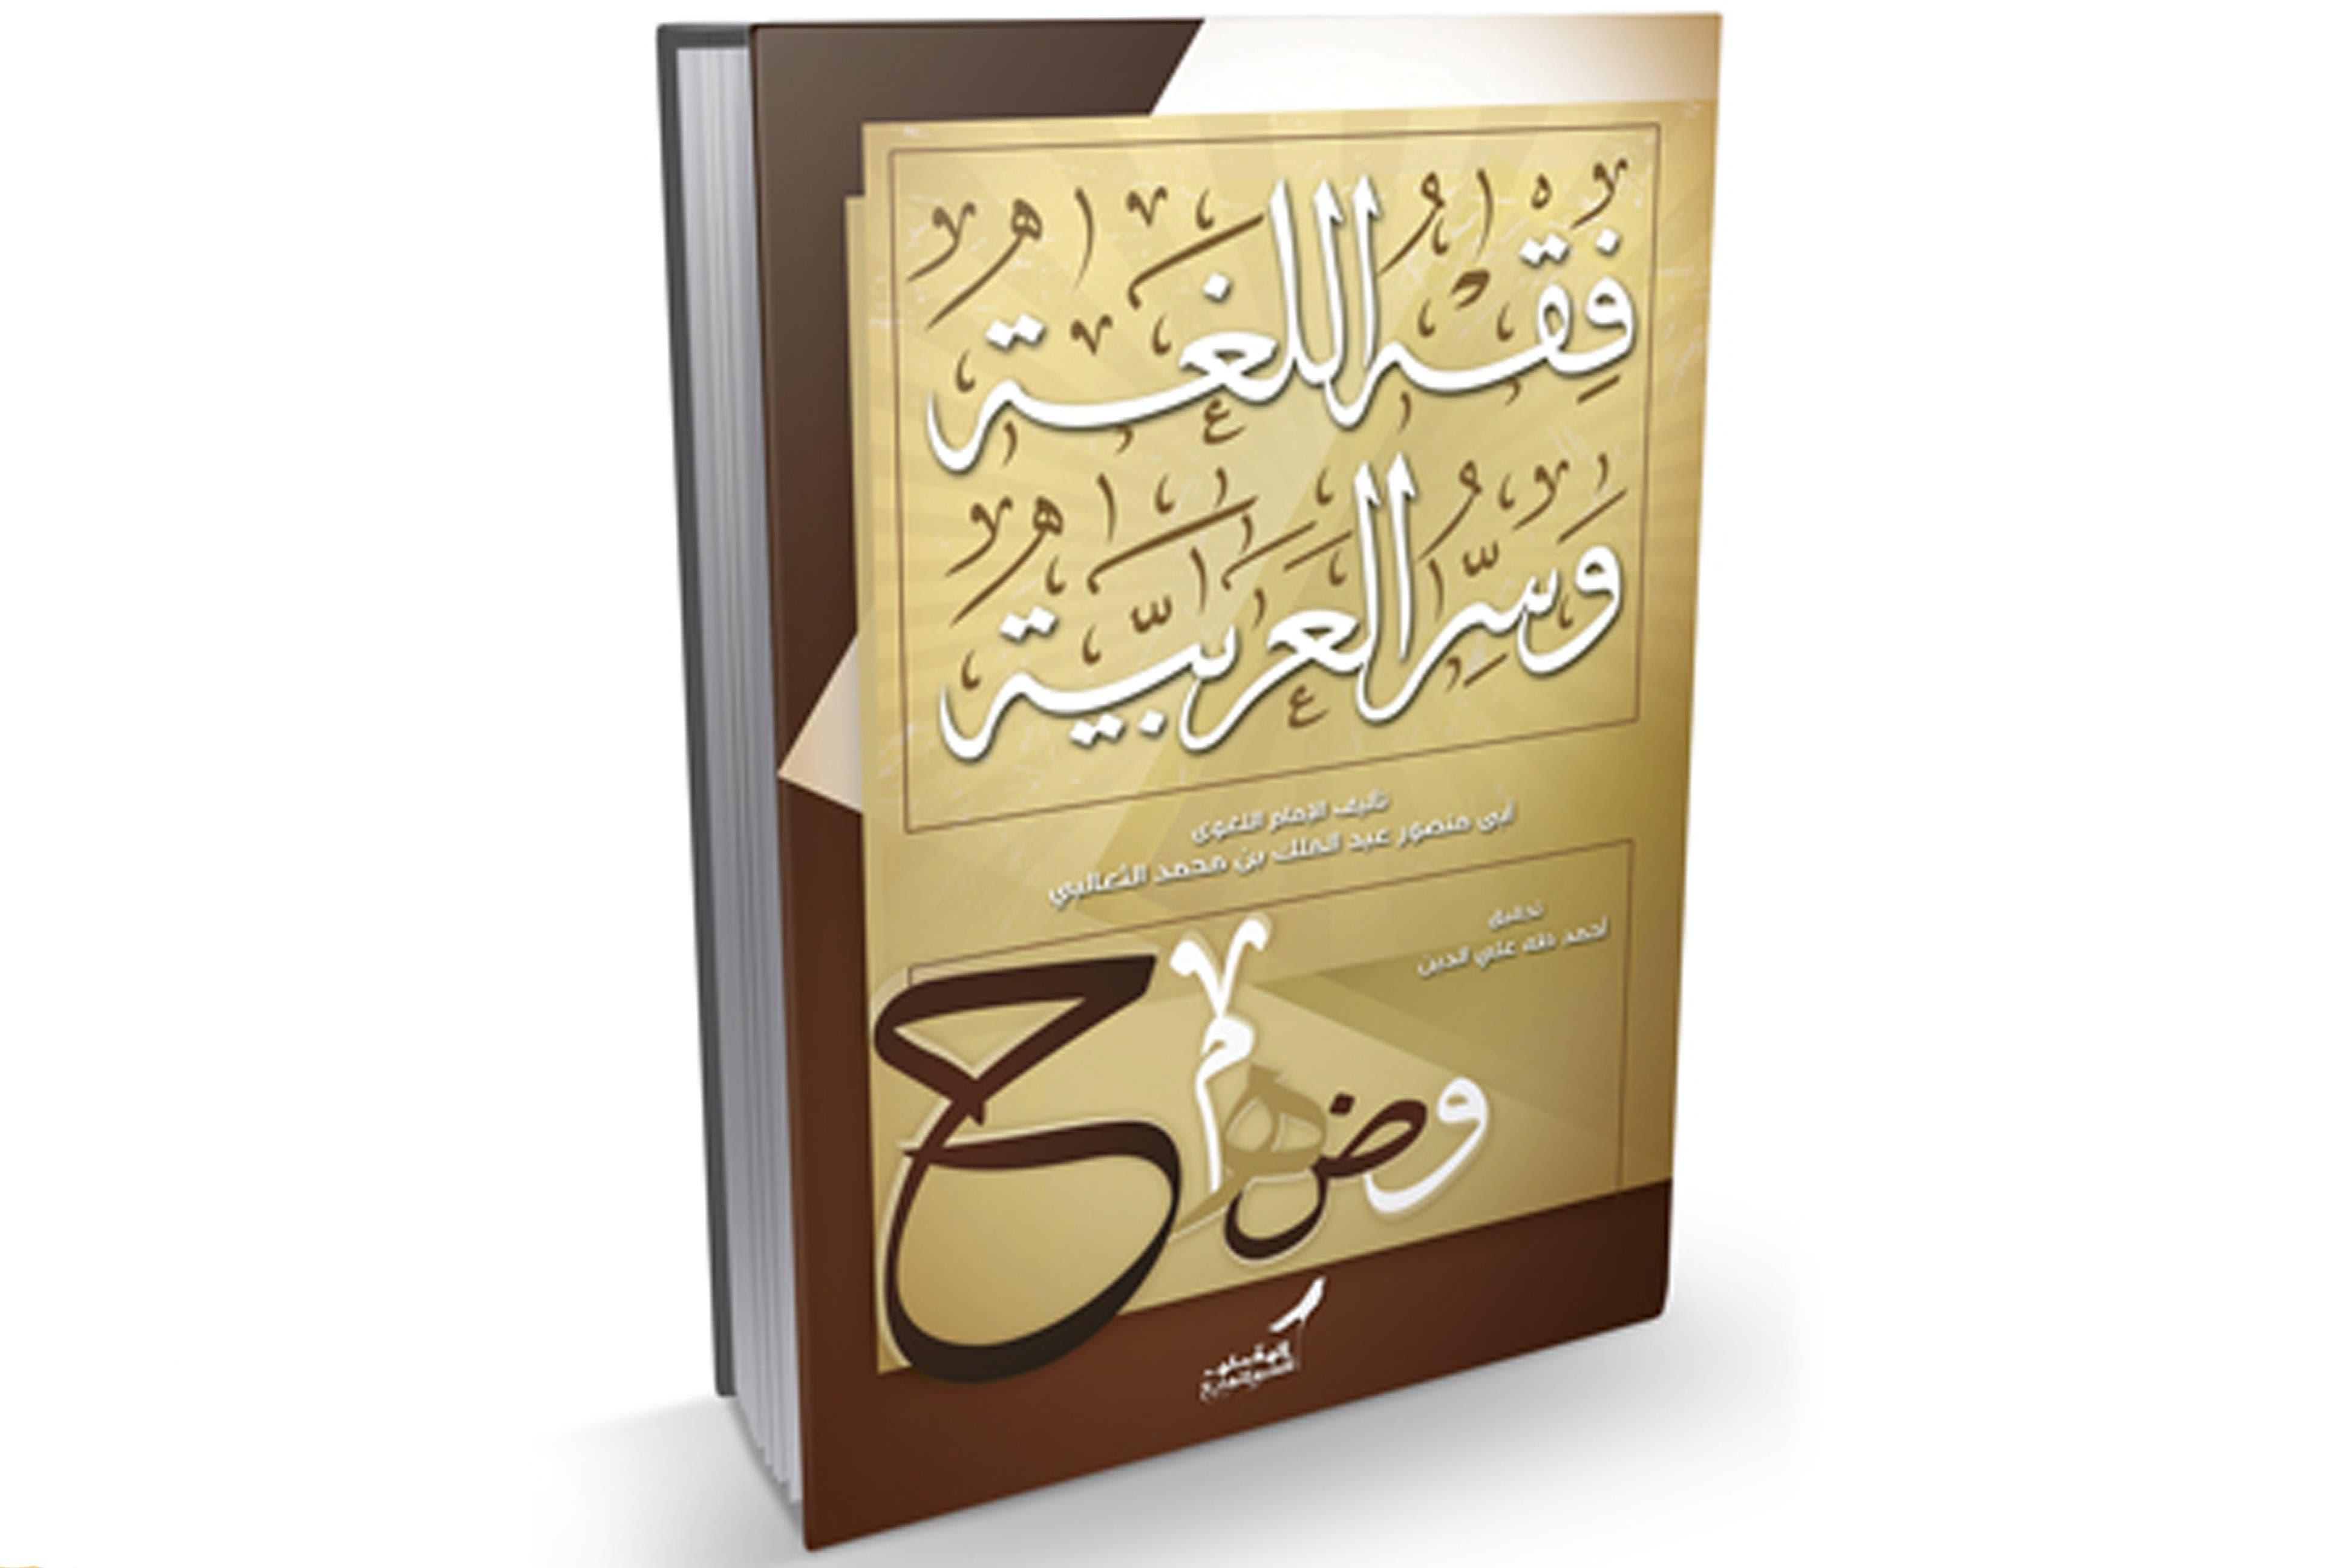 نبذة عن كتاب فقه اللغة وسر العربية